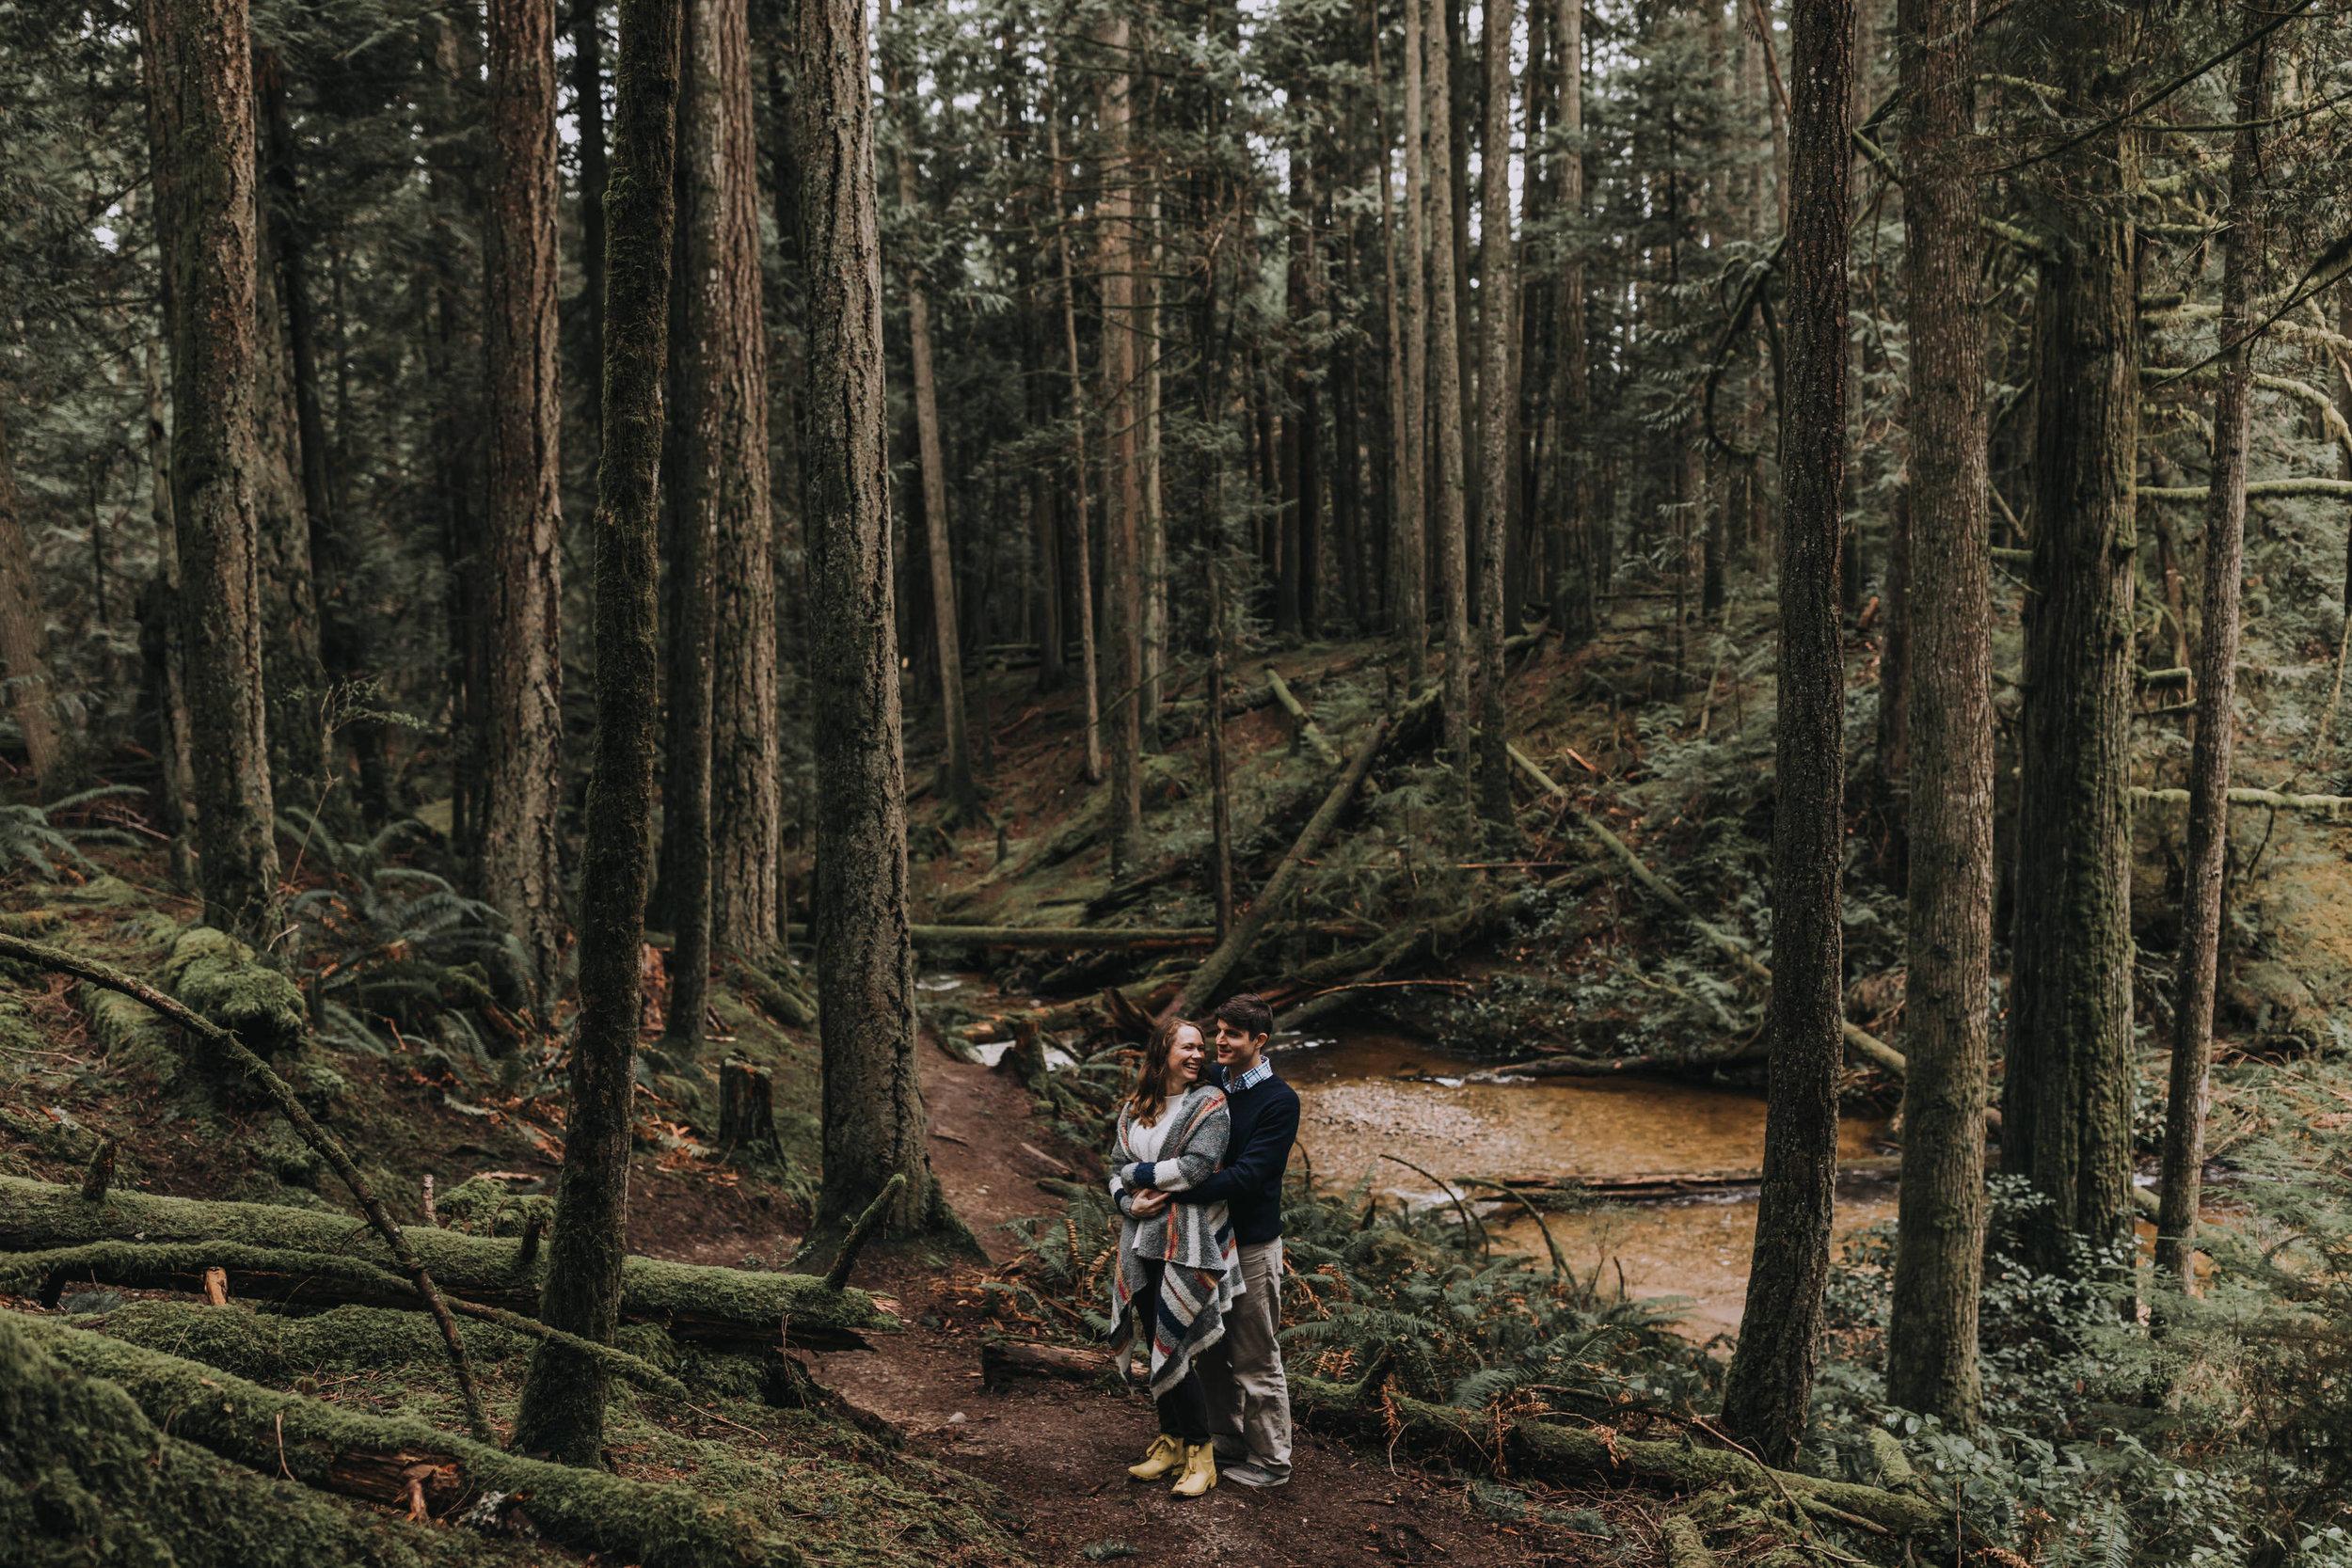 Forest Engagement Photos - Sunshine Coast BC Engagement Photos -  Sunshine Coast Wedding Photographer - Vancouver Wedding Photographer - Jennifer Picard403.JPG